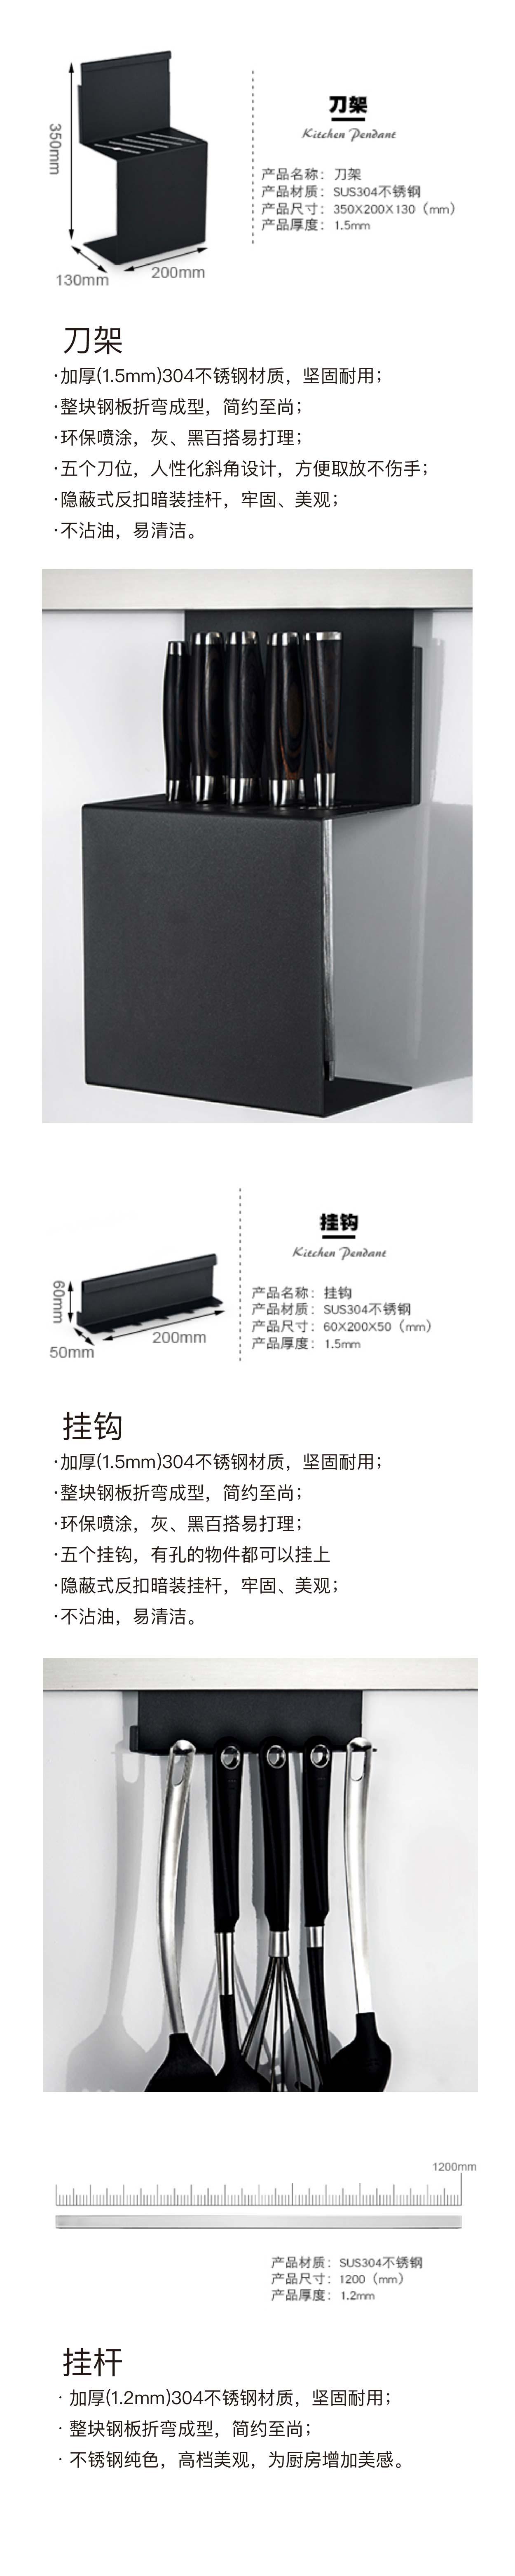 黑色厨房挂件-08